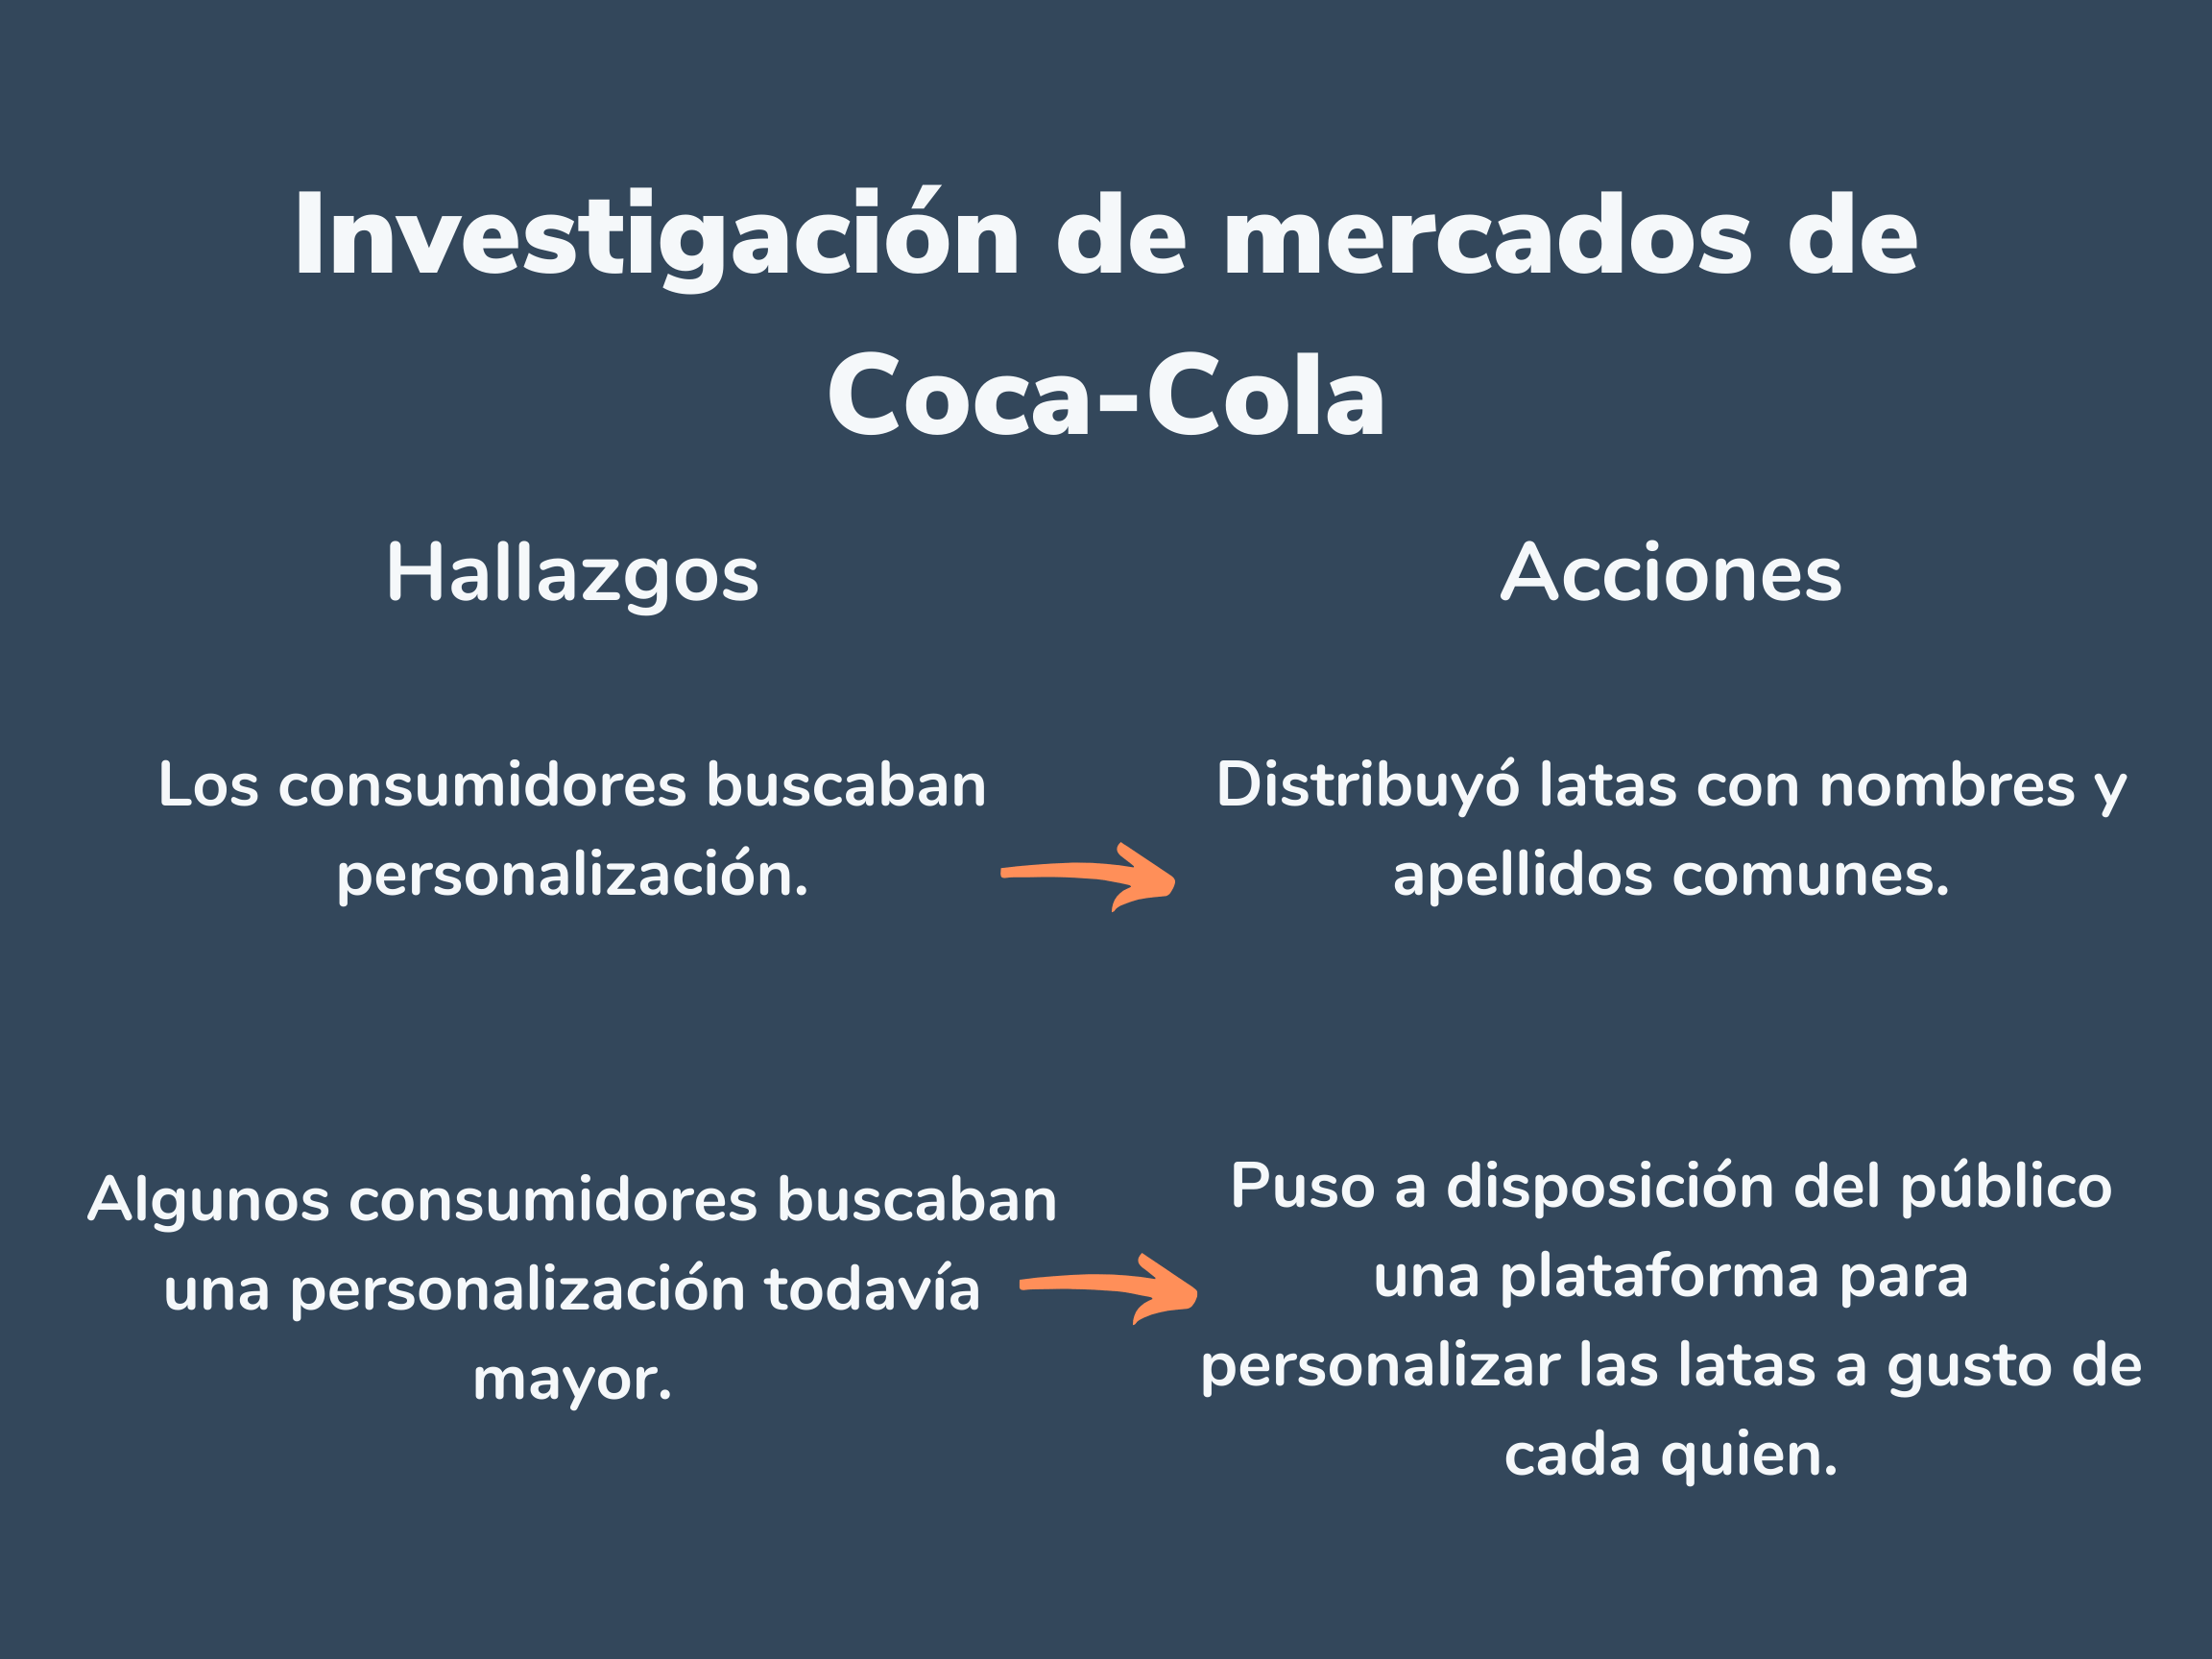 Ejemplo de estudio de mercado de Coca-Cola